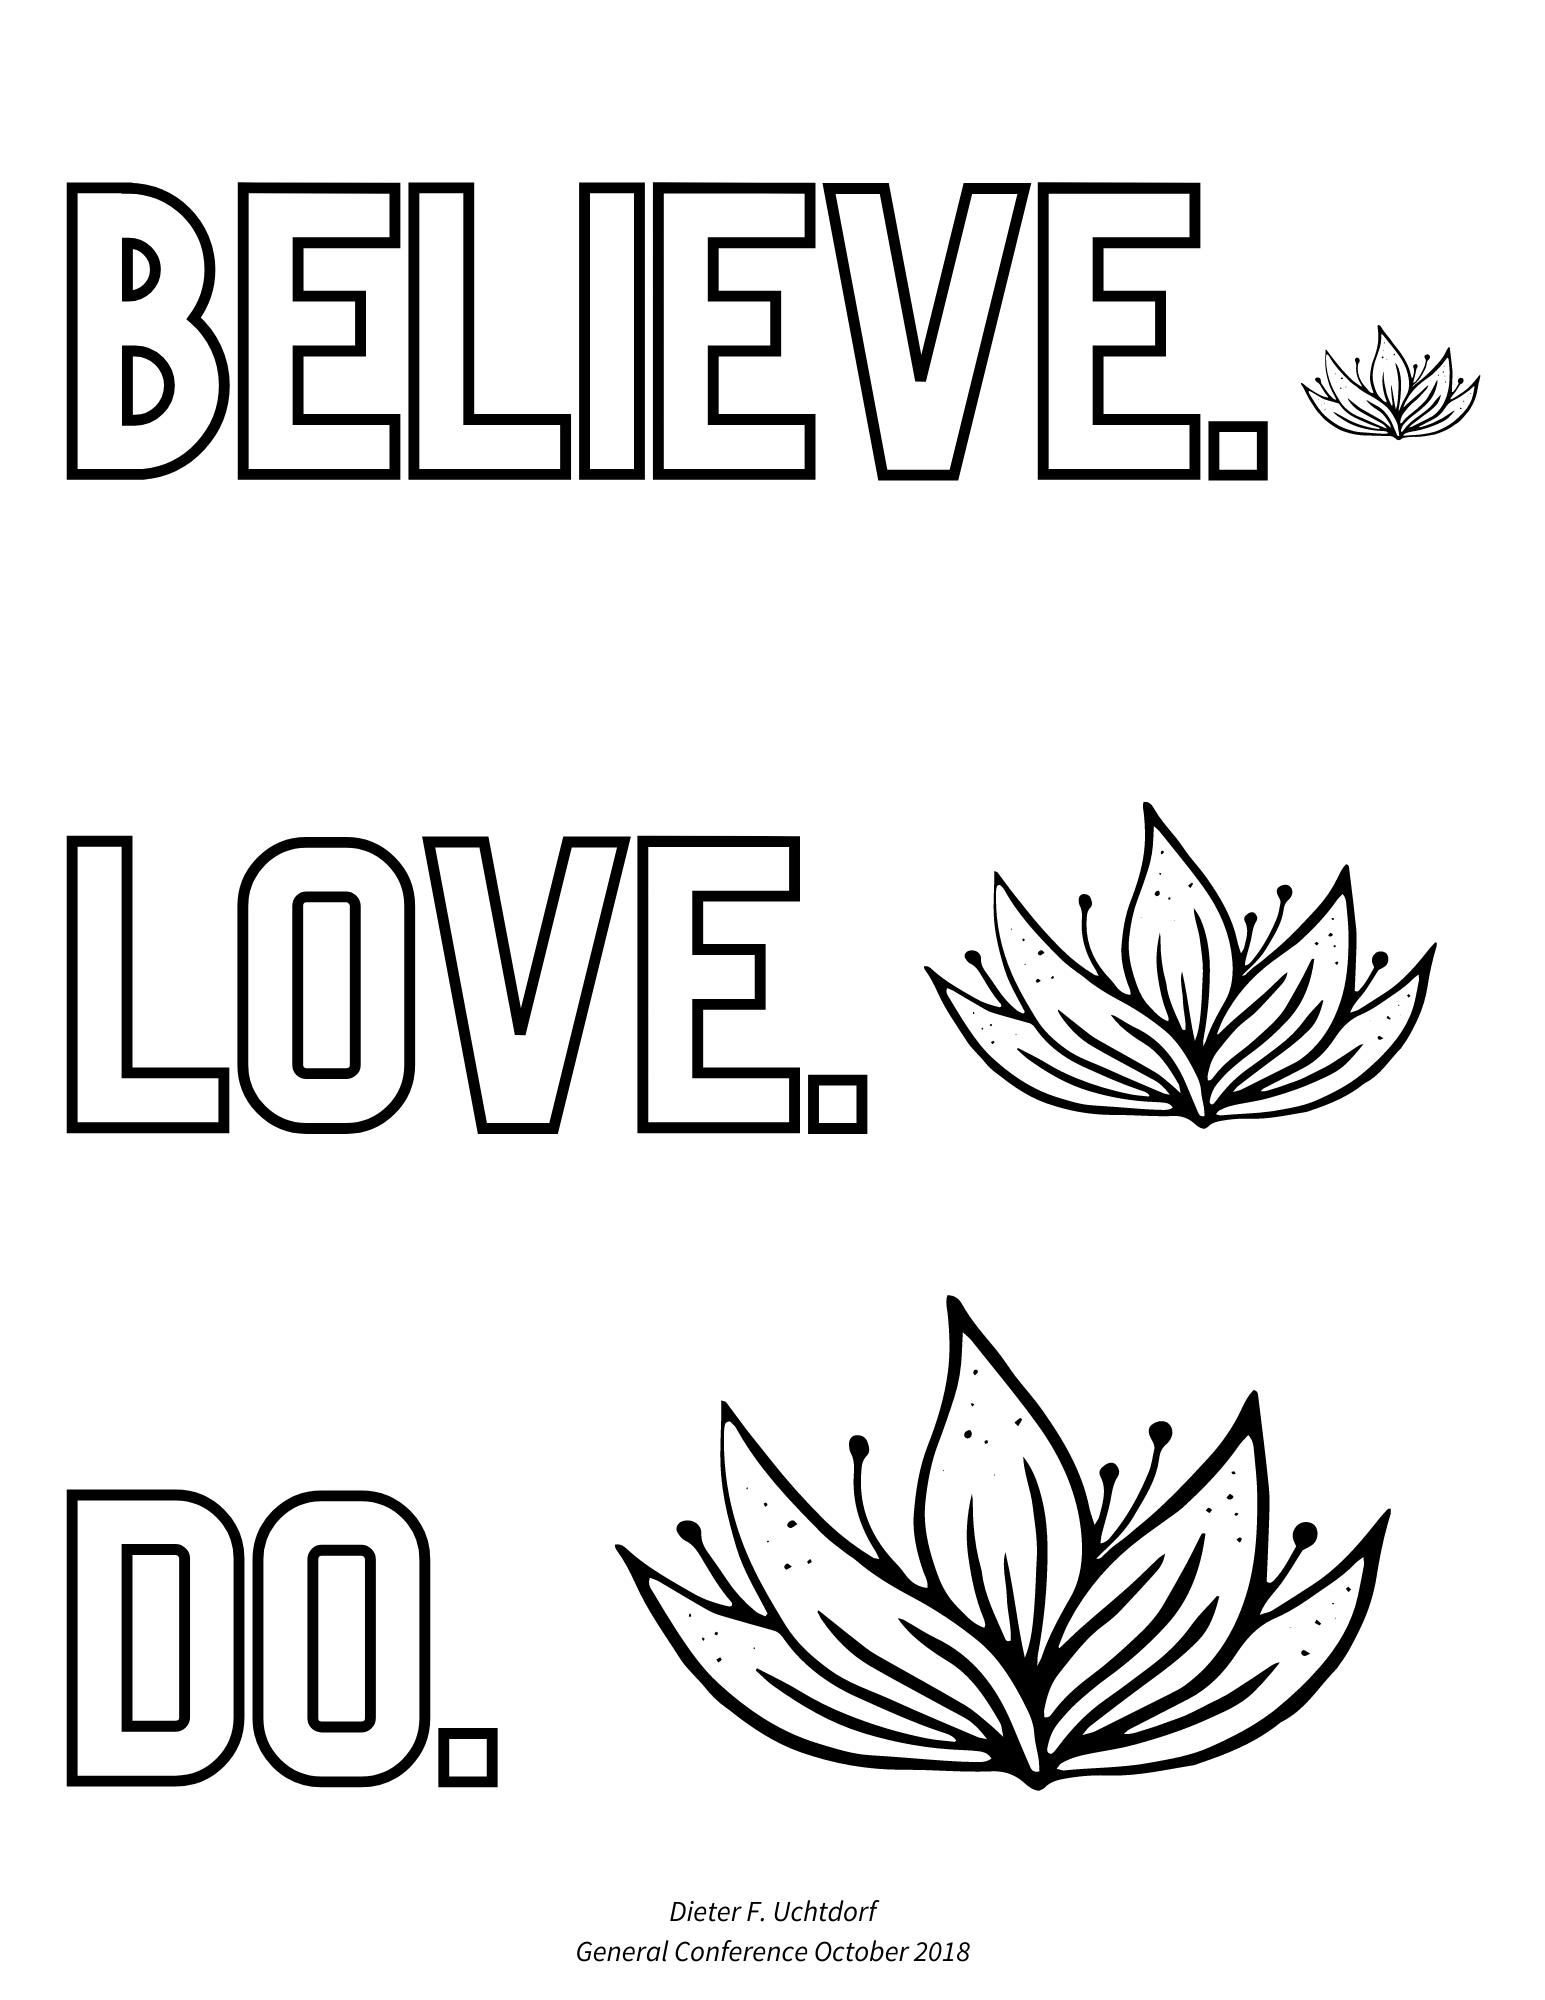 believe love do dieter f uchtdorf general conference quote, general conference coloring page, general conference quotes